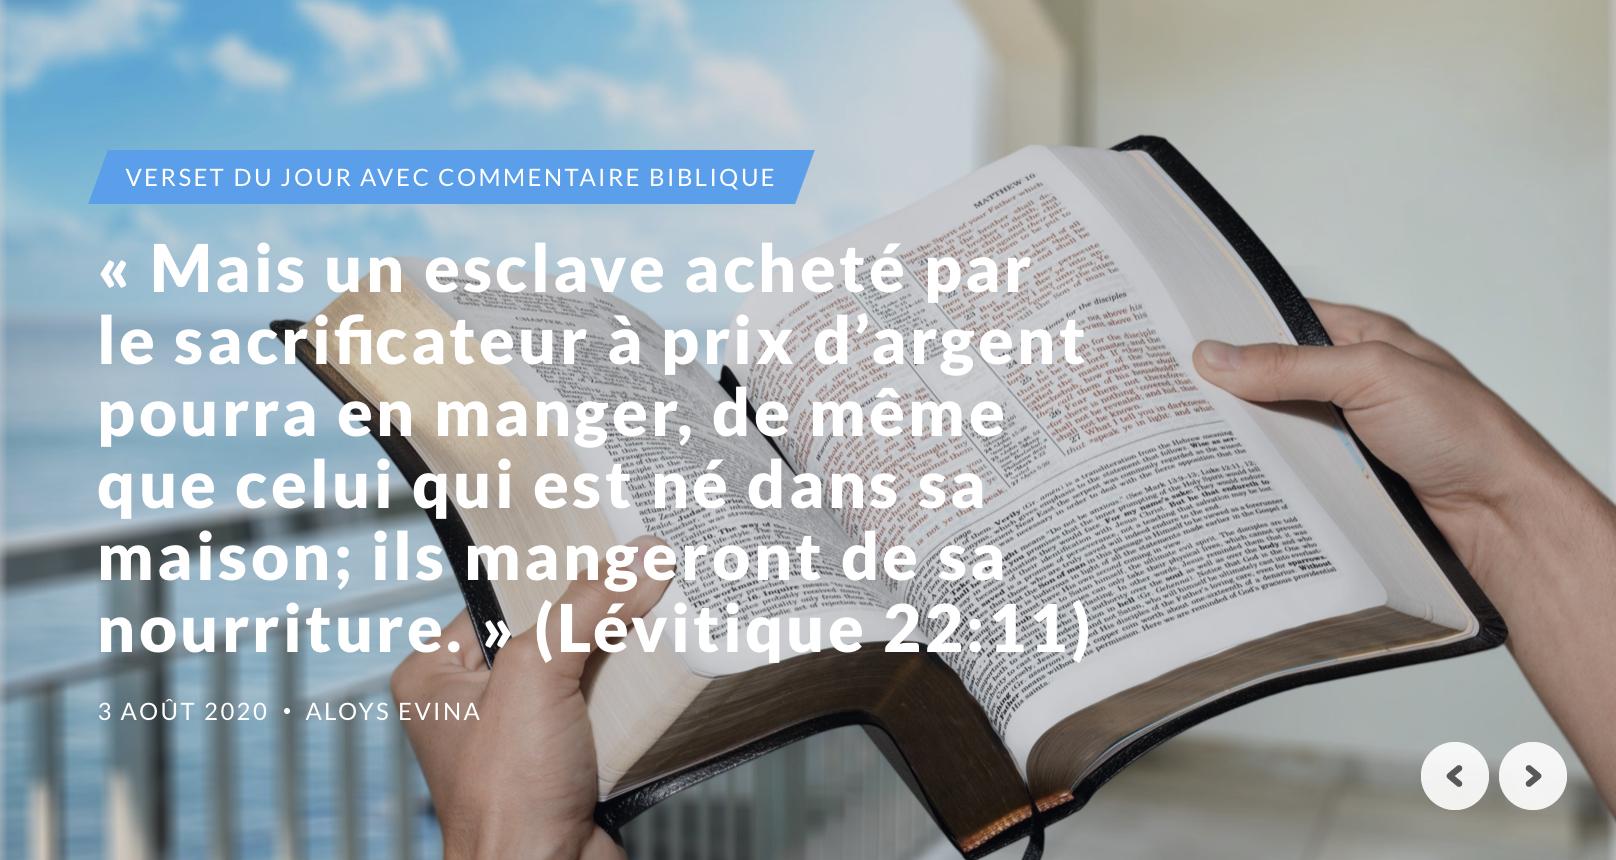 """""""Mais un esclave acheté par le sacrificateur à prix d'argent pourra en manger, de même que celui qui est né dans sa maison; ils mangeront de sa nourriture."""" (Lévitique 22:11)"""